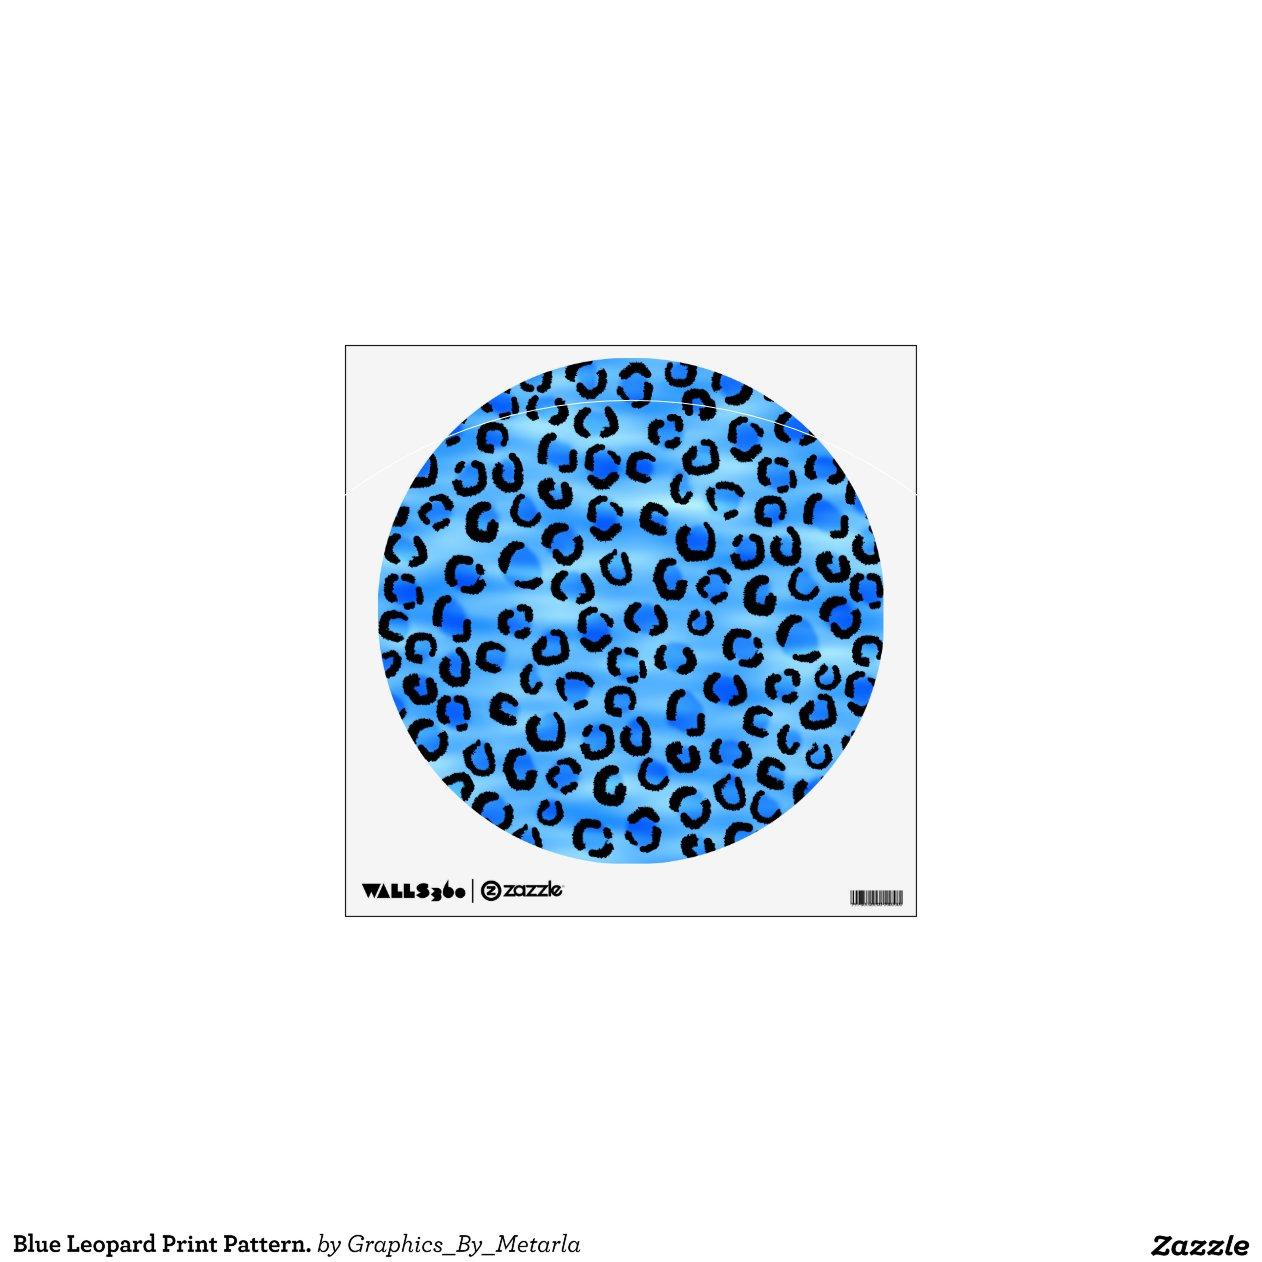 Blue Print Wall Decor : Blue leopard print pattern wall decor zazzle